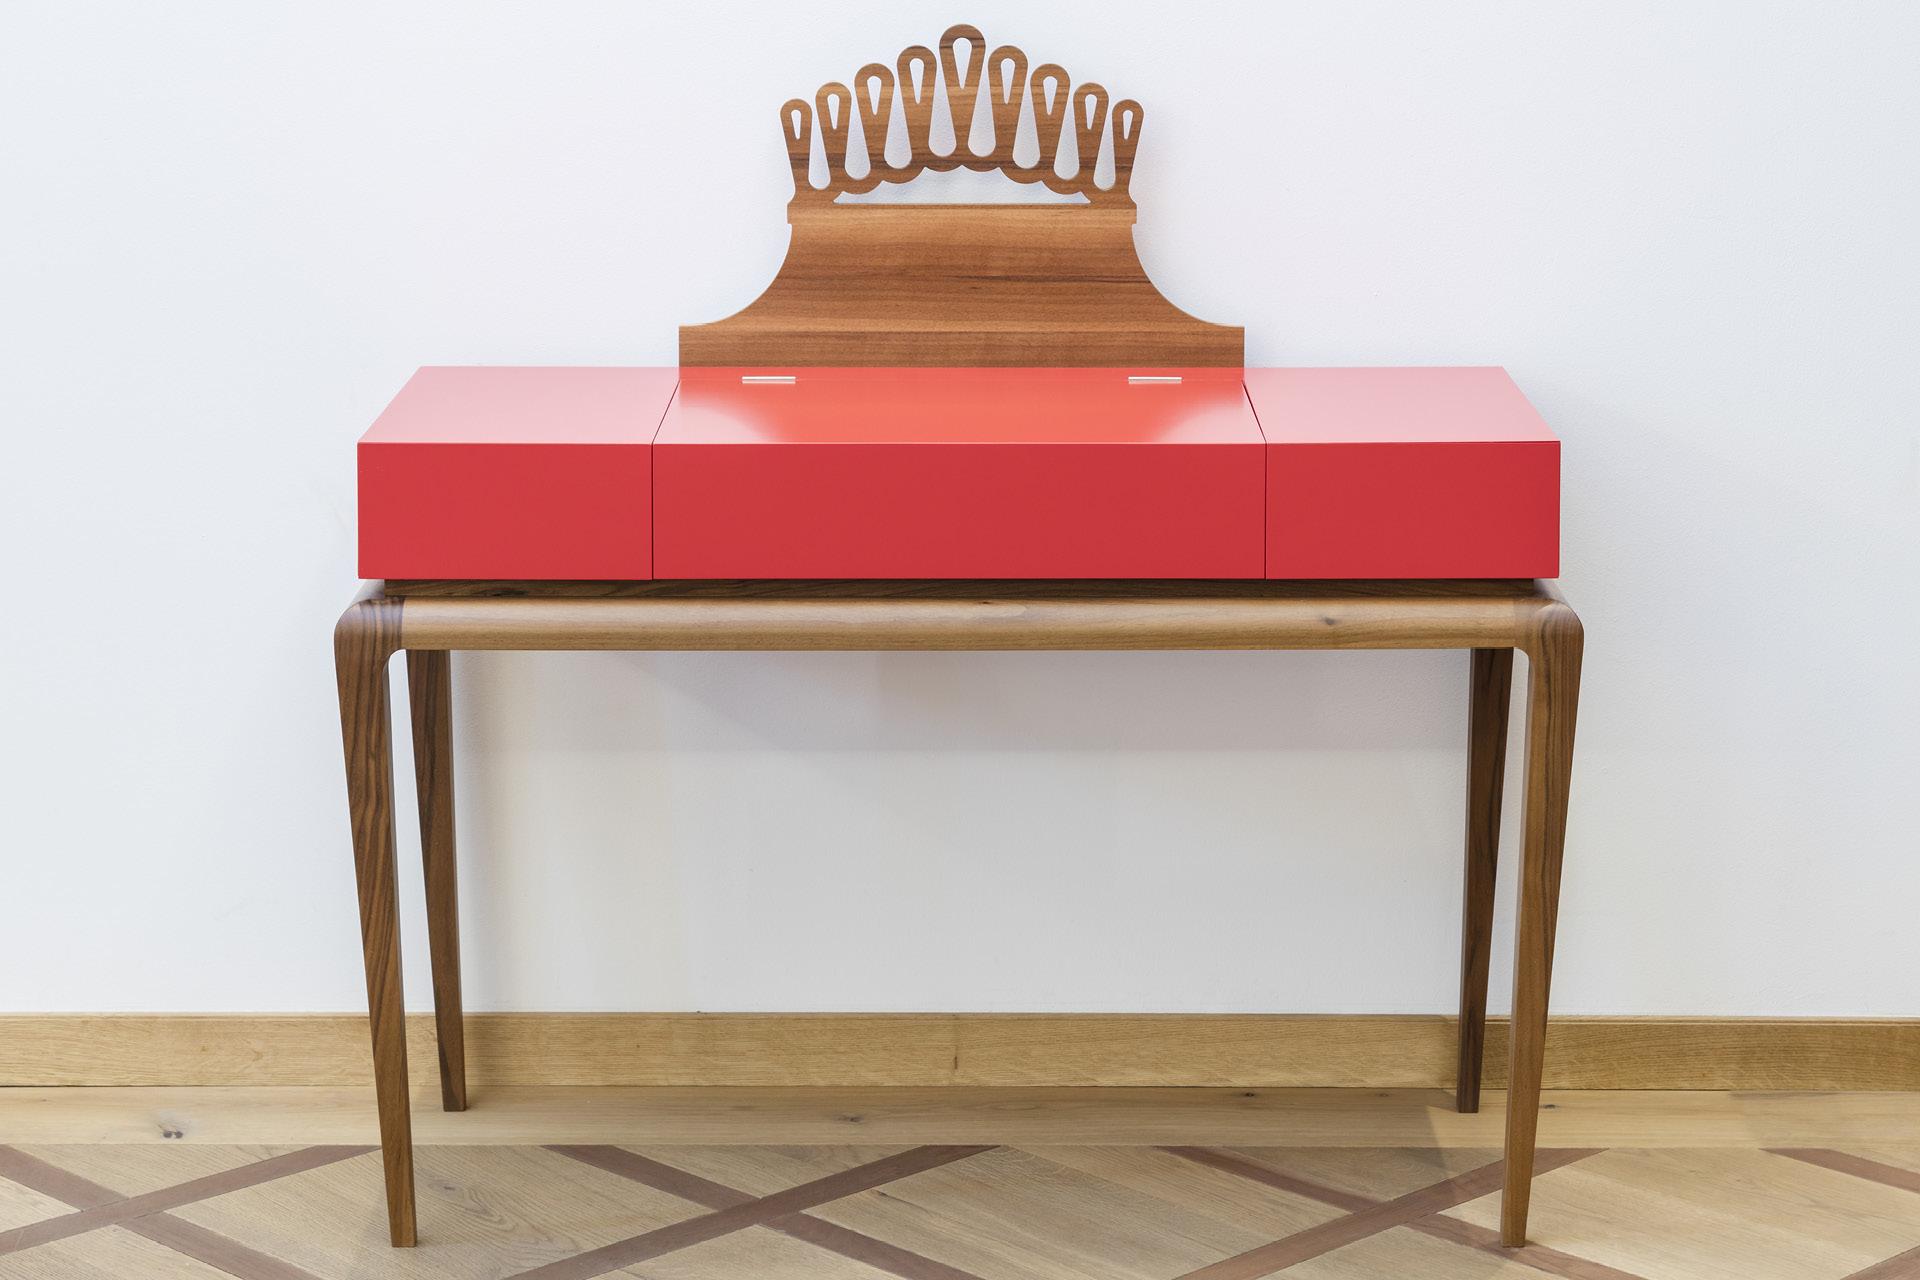 Tischlerei-Decker-Neuigkeiten-Auszeichnung-Gestaltung-und-Tischlerhandwerk2017-Art-Deco-Tisch